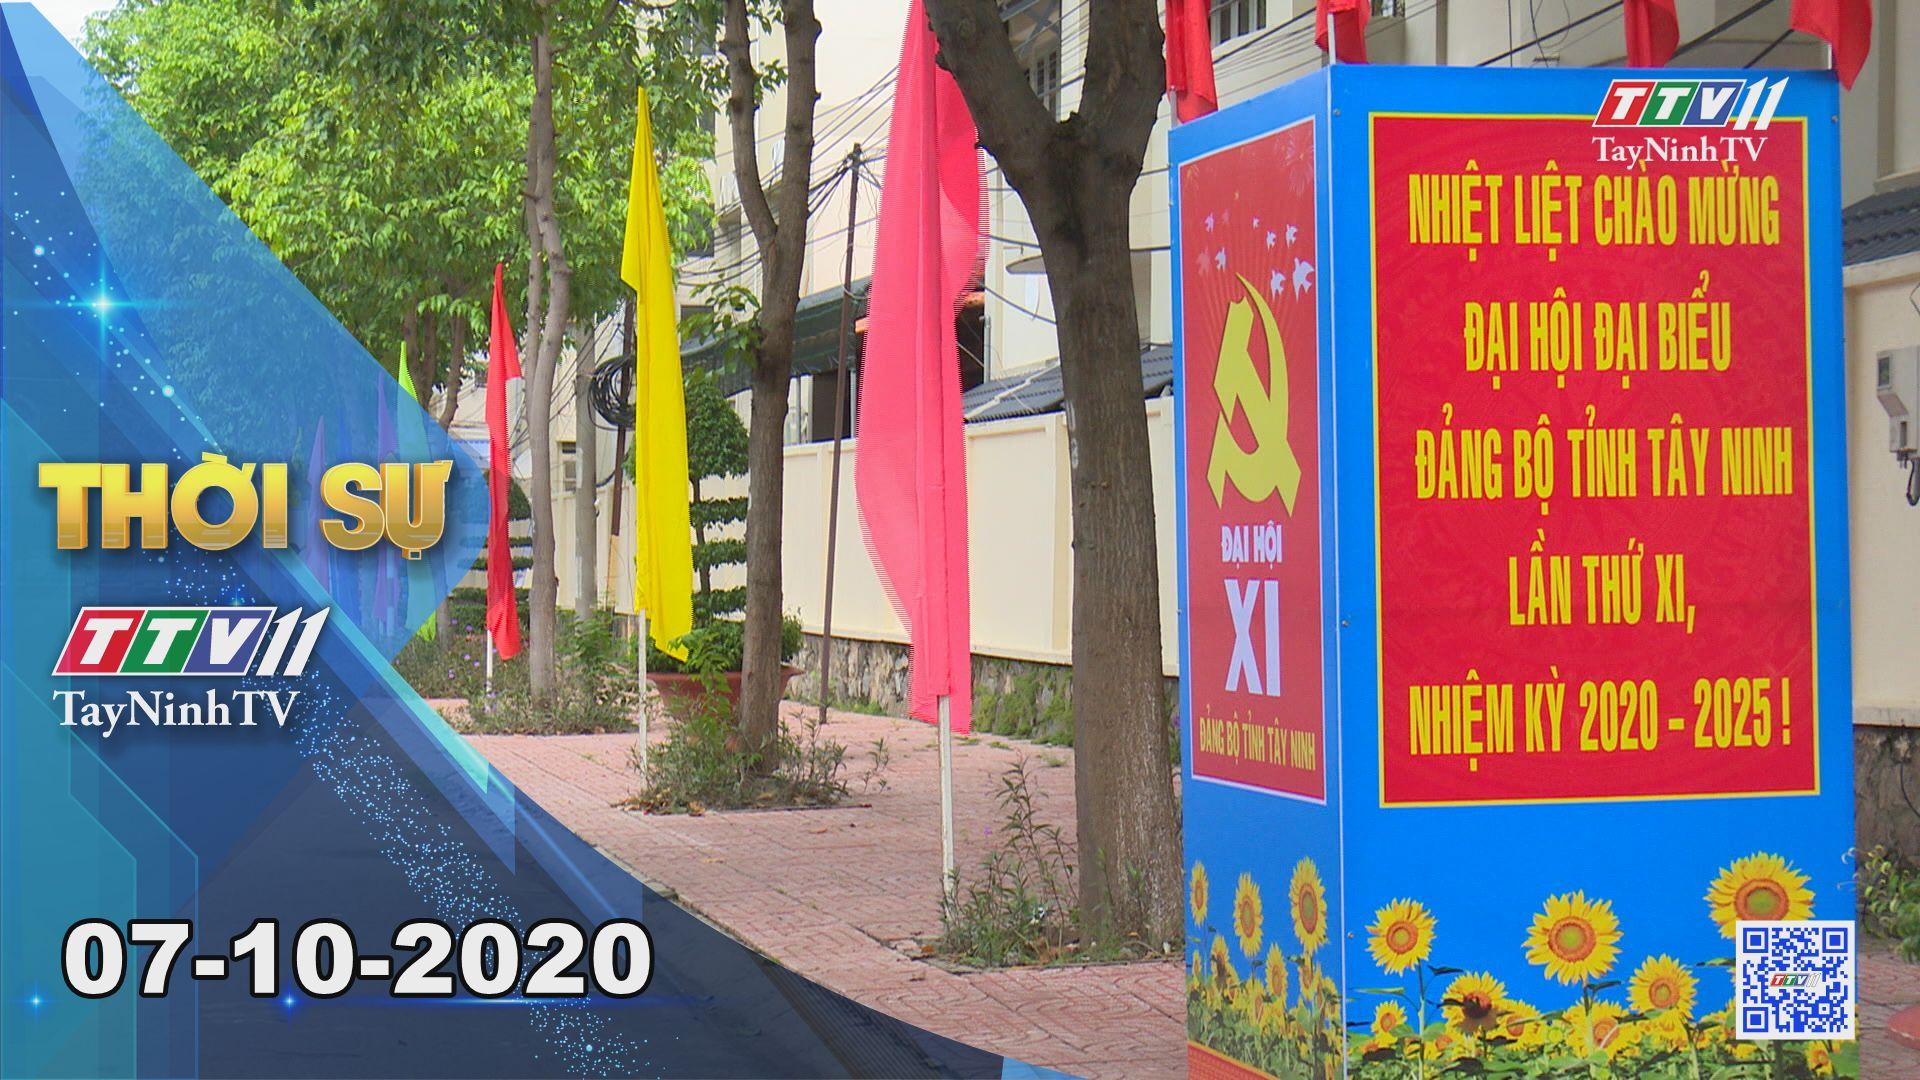 Thời sự Tây Ninh 07-10-2020 | Tin tức hôm nay | TayNinhTV